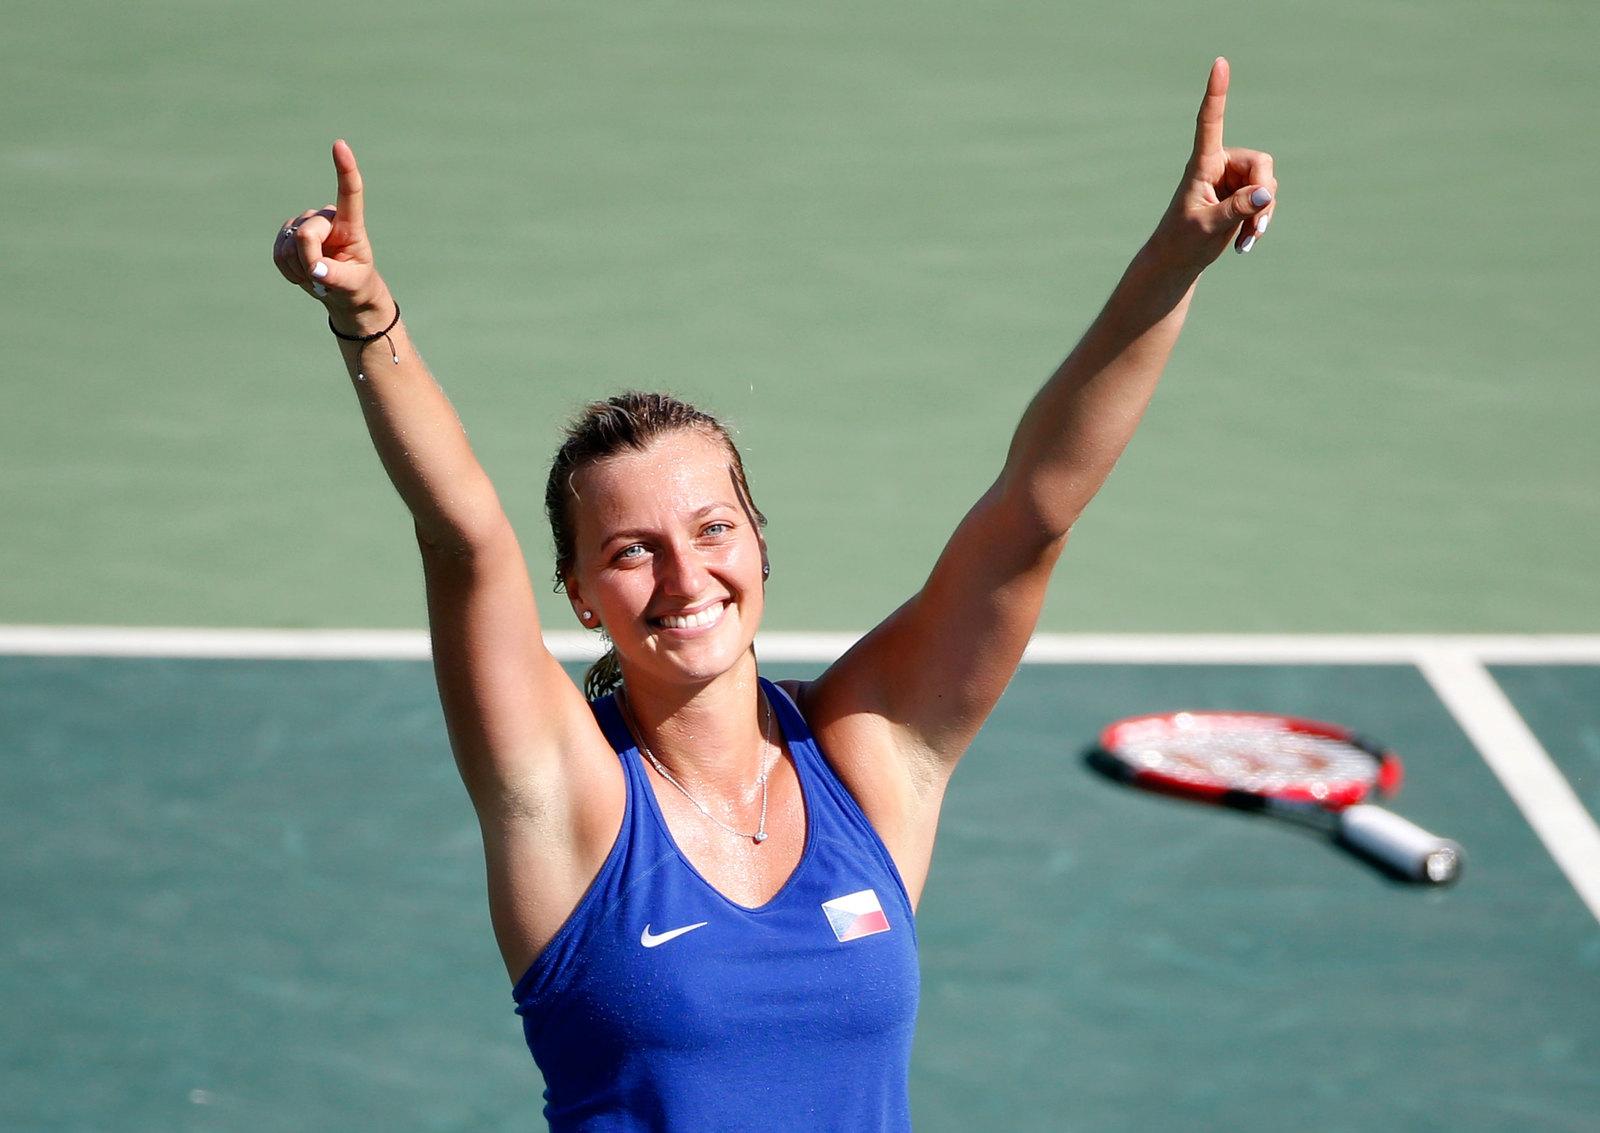 Чешская теннисистка Петра Квитова выиграла бронзу в одиночном разряде среди женщин